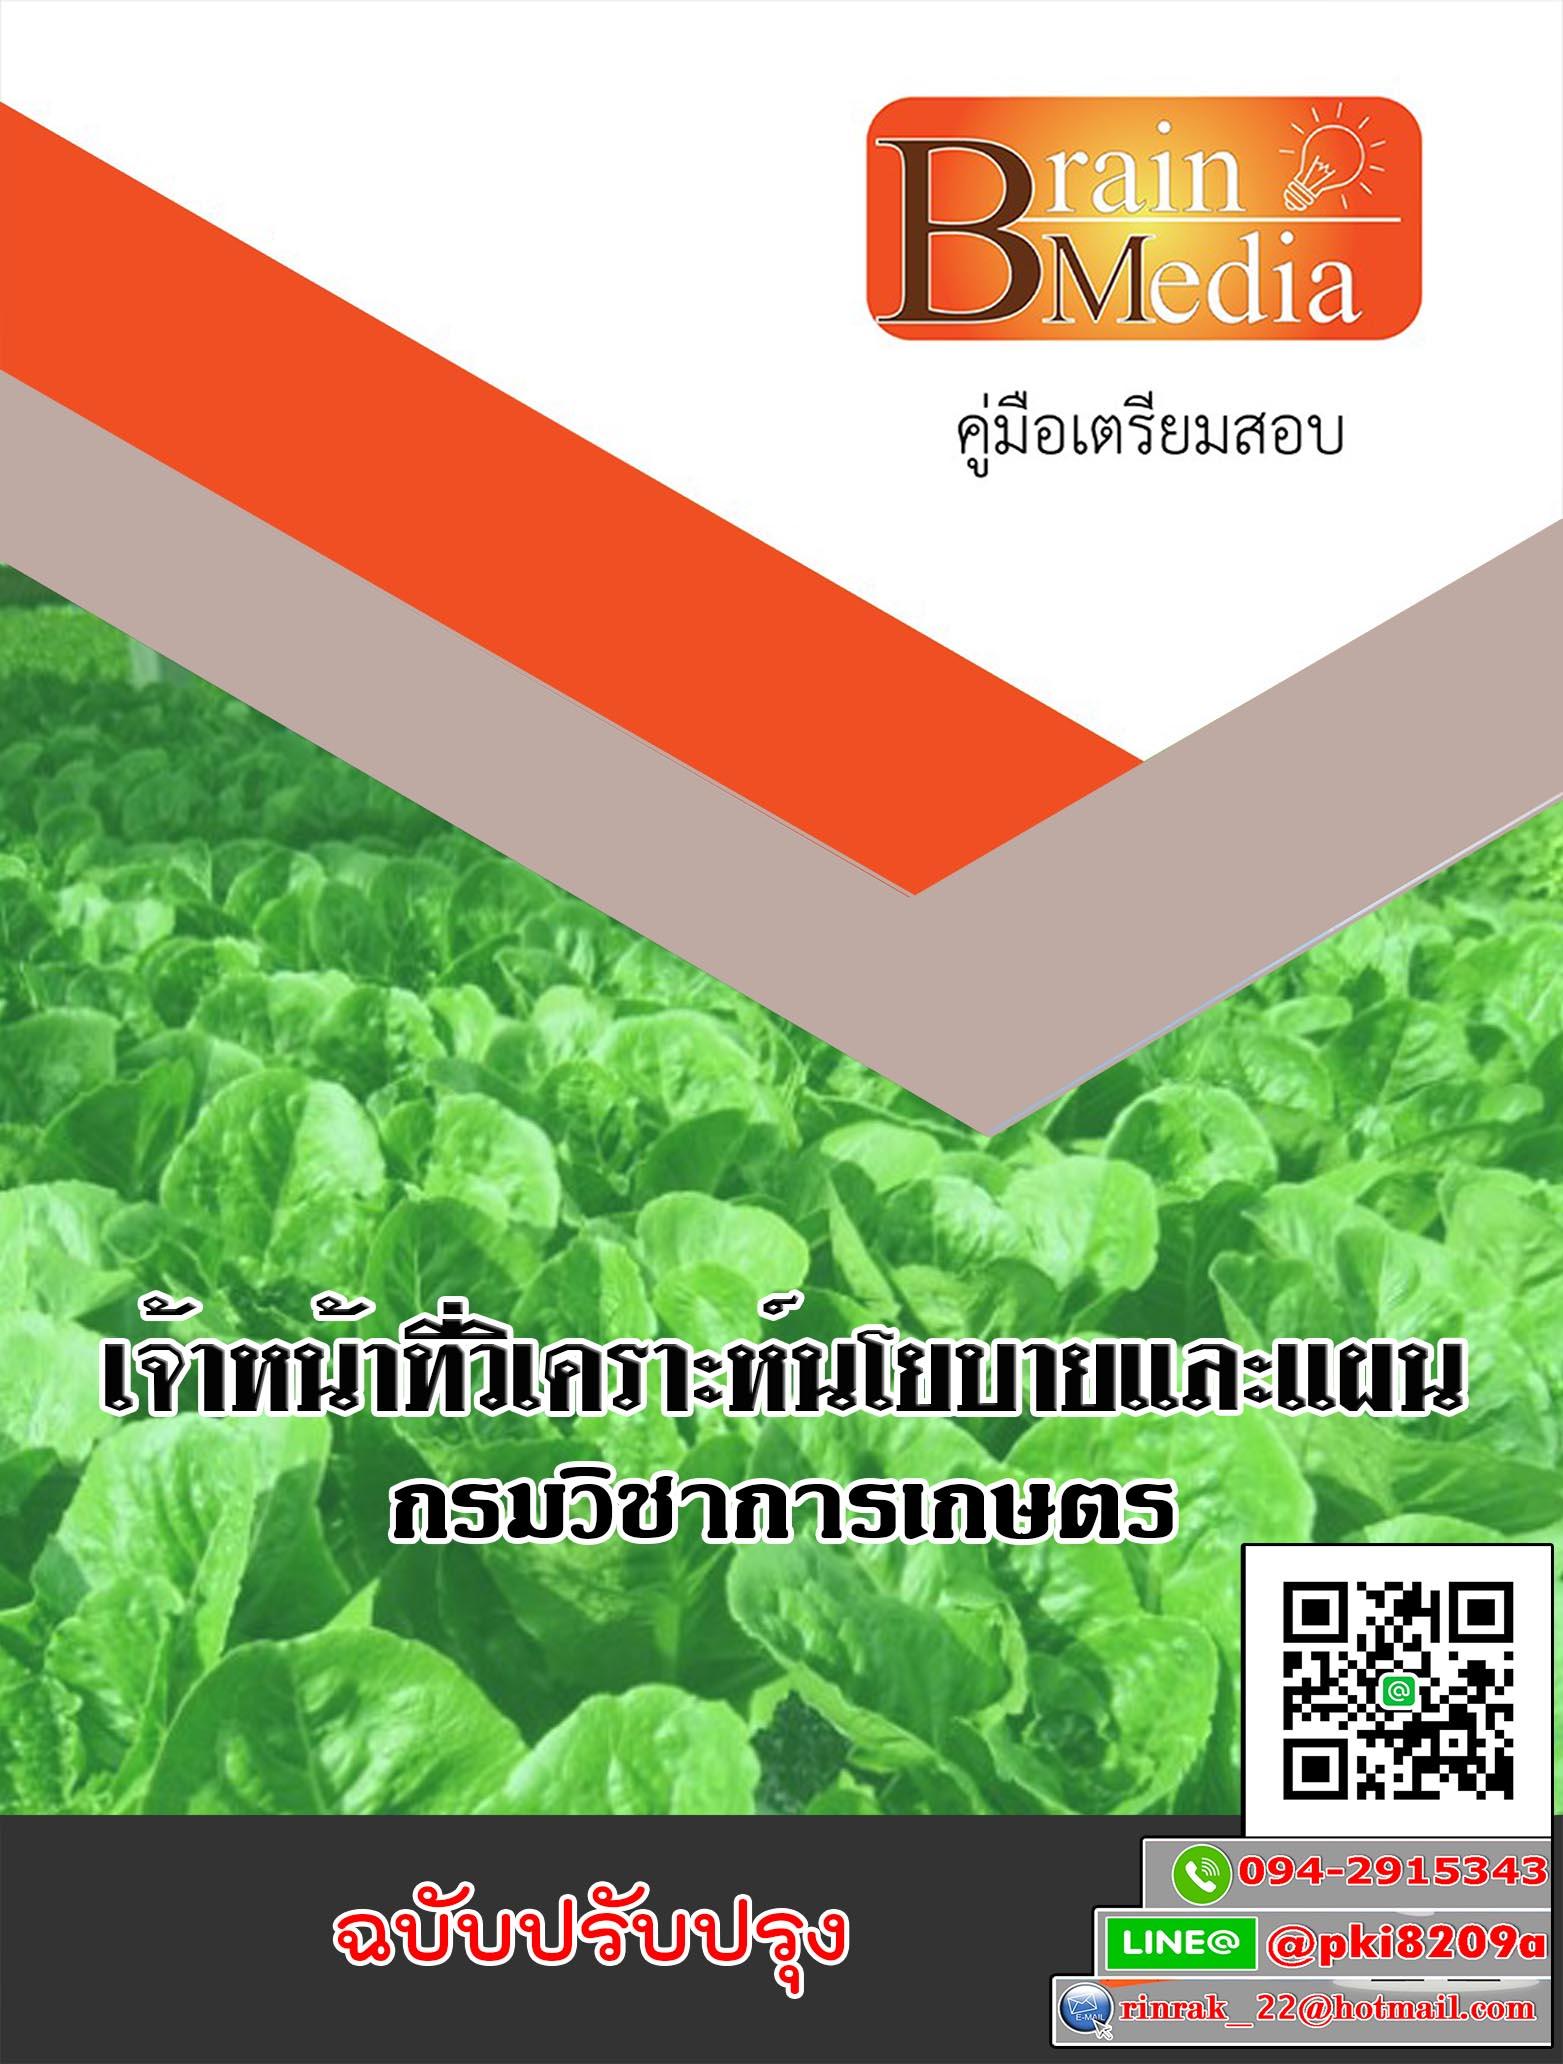 แนวข้อสอบ เจ้าหน้าที่วิเคราะห์นโยบายและแผน กรมวิชาการเกษตร